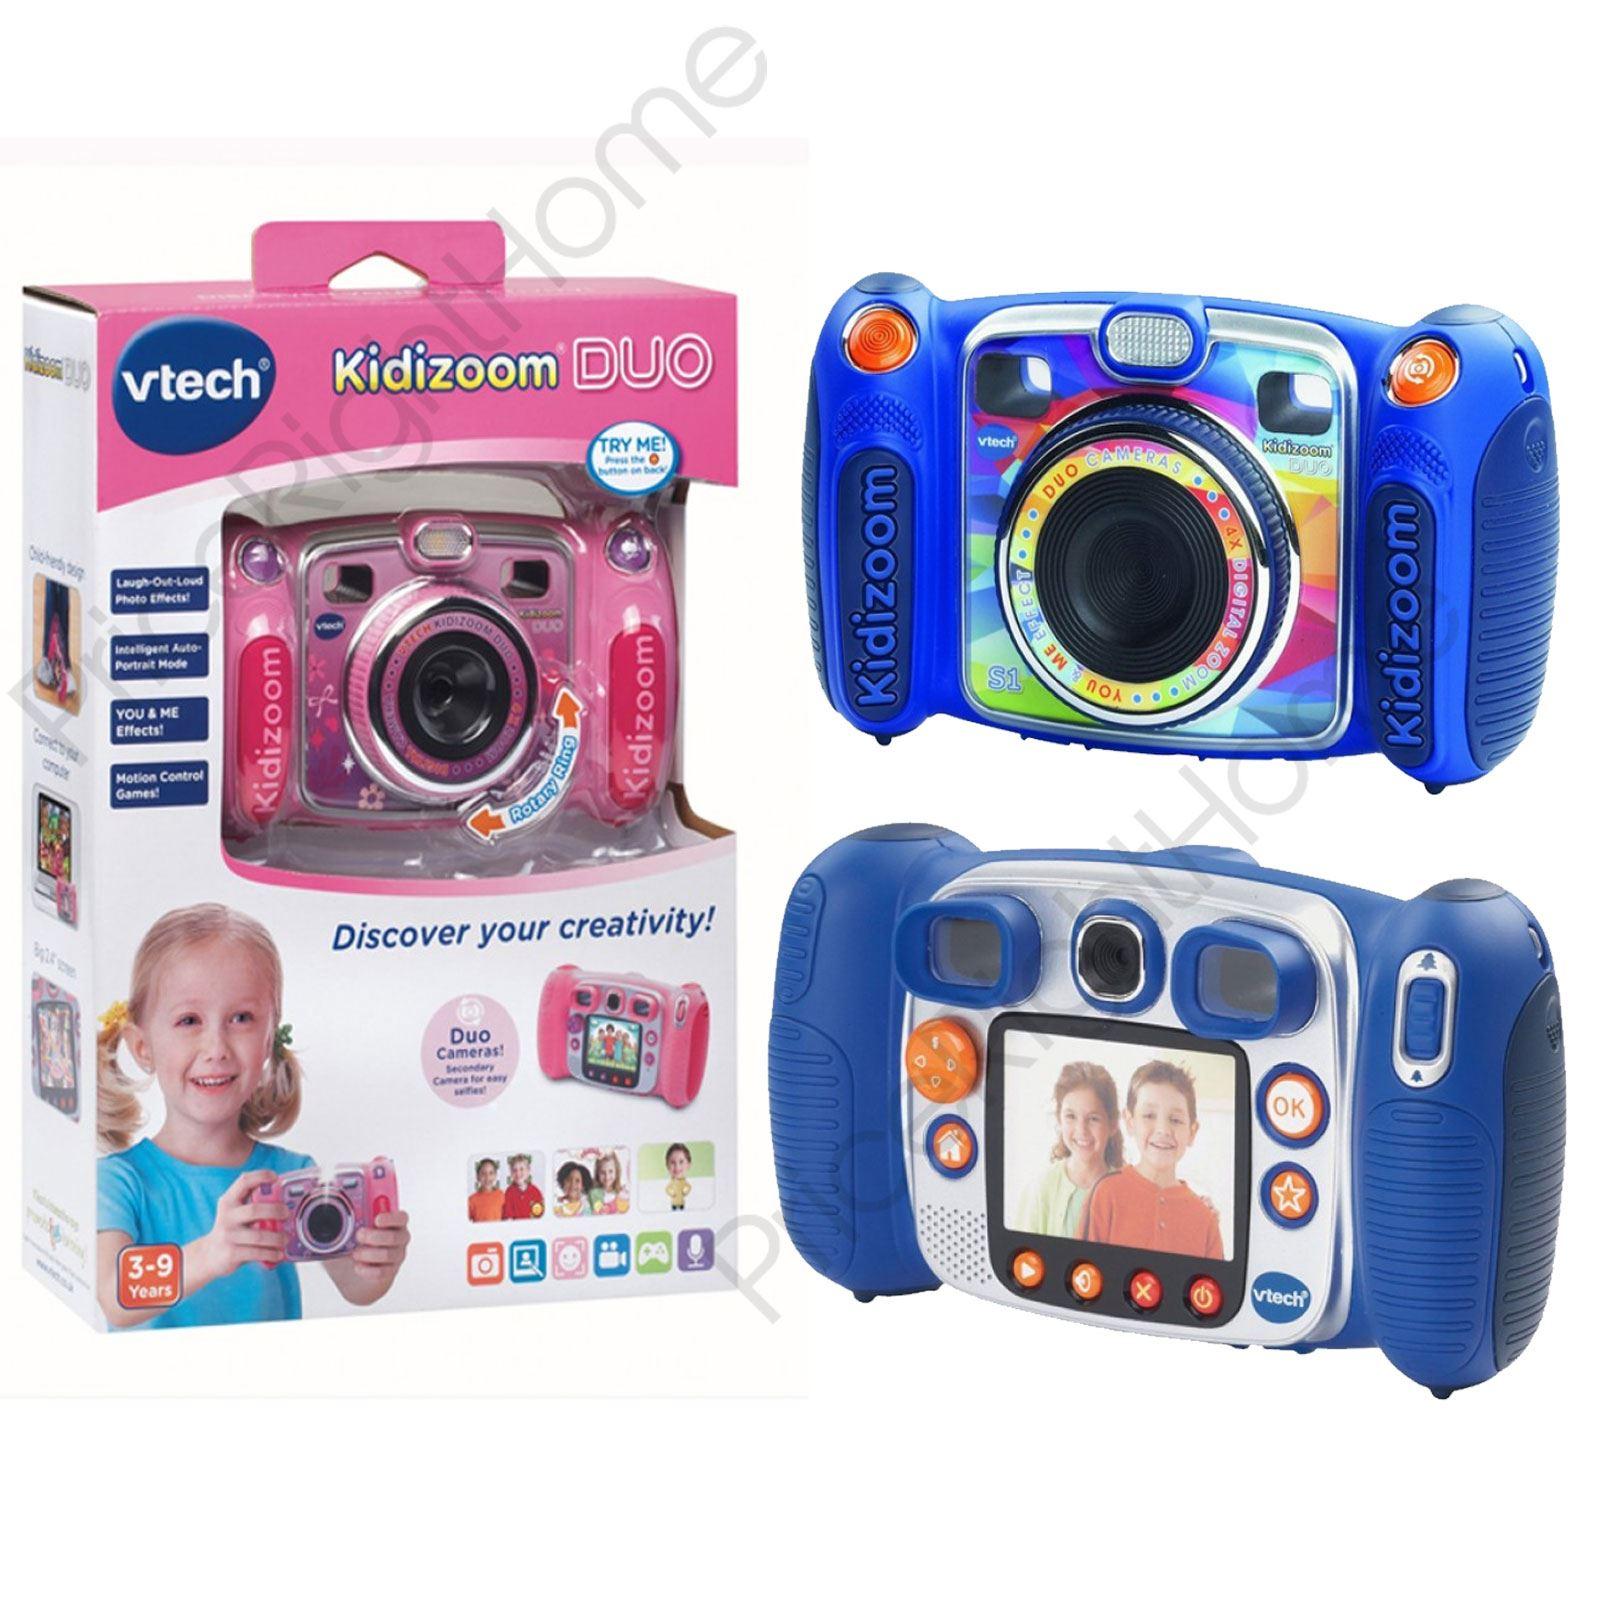 vtech kidizoom duo digital camera 2mp 4 x zoom blue pink. Black Bedroom Furniture Sets. Home Design Ideas